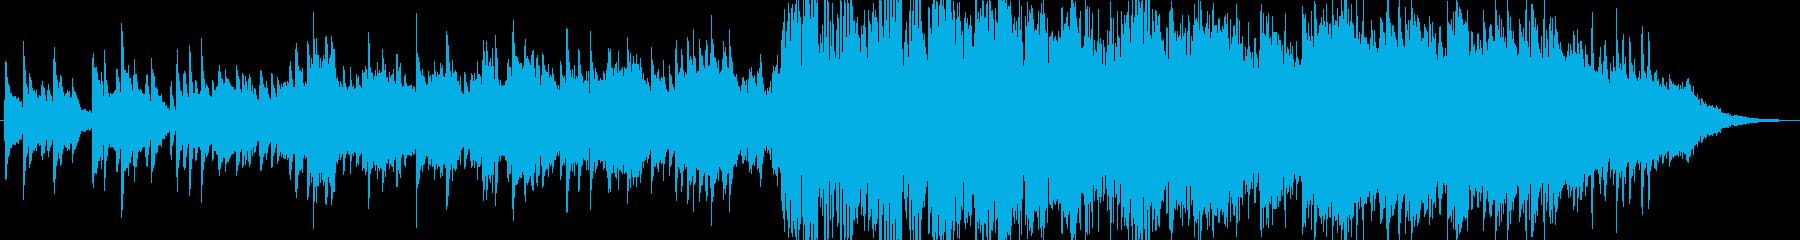 ピアノのバラード。穏やかな雰囲気の再生済みの波形